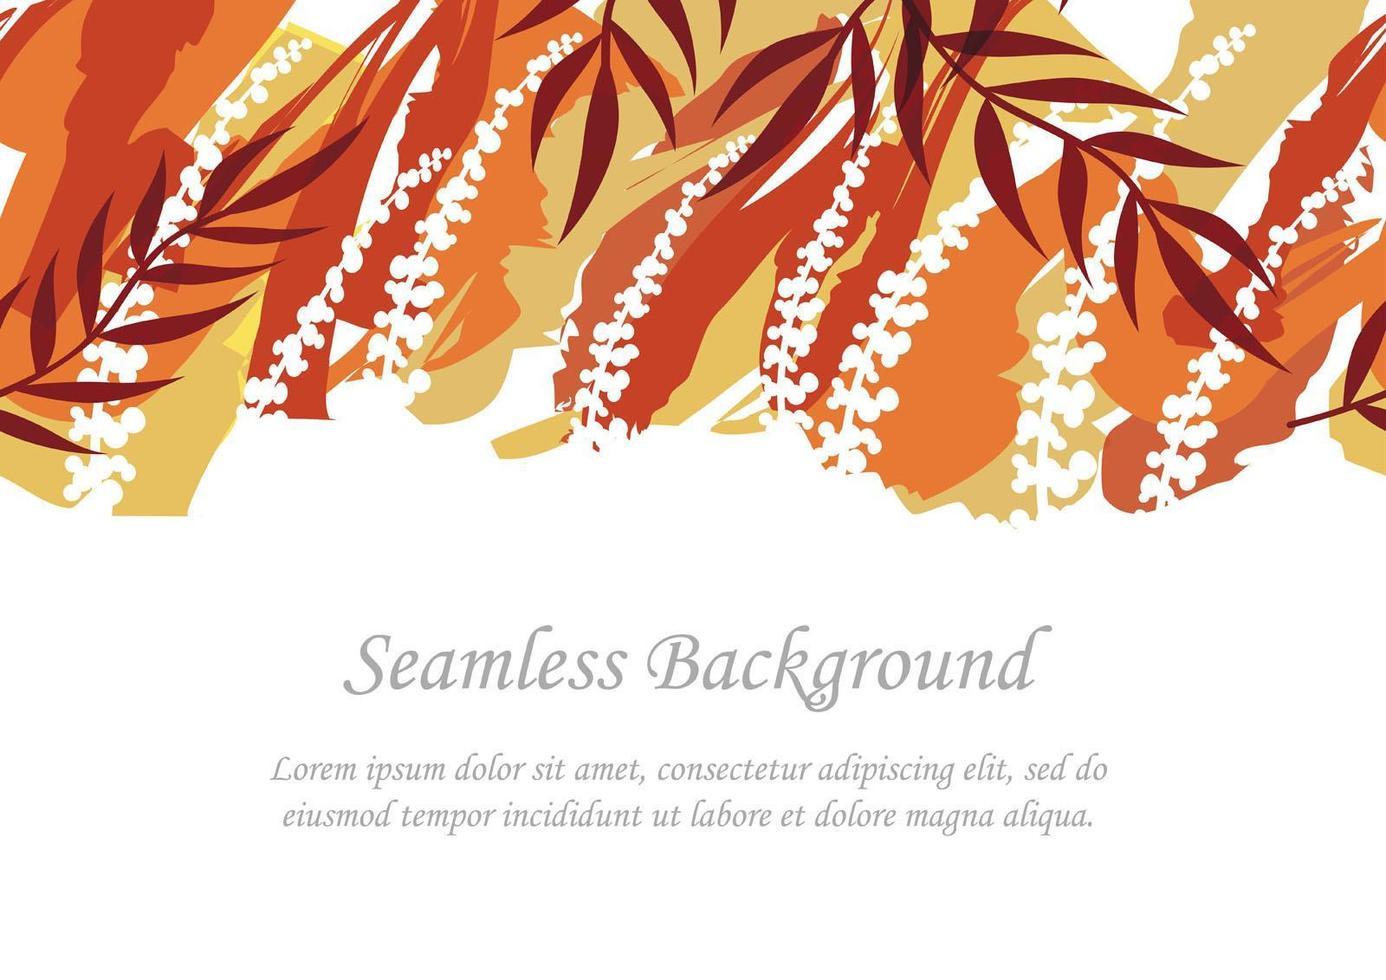 nahtloser roter und orange botanischer Hintergrund mit Textraum vektor